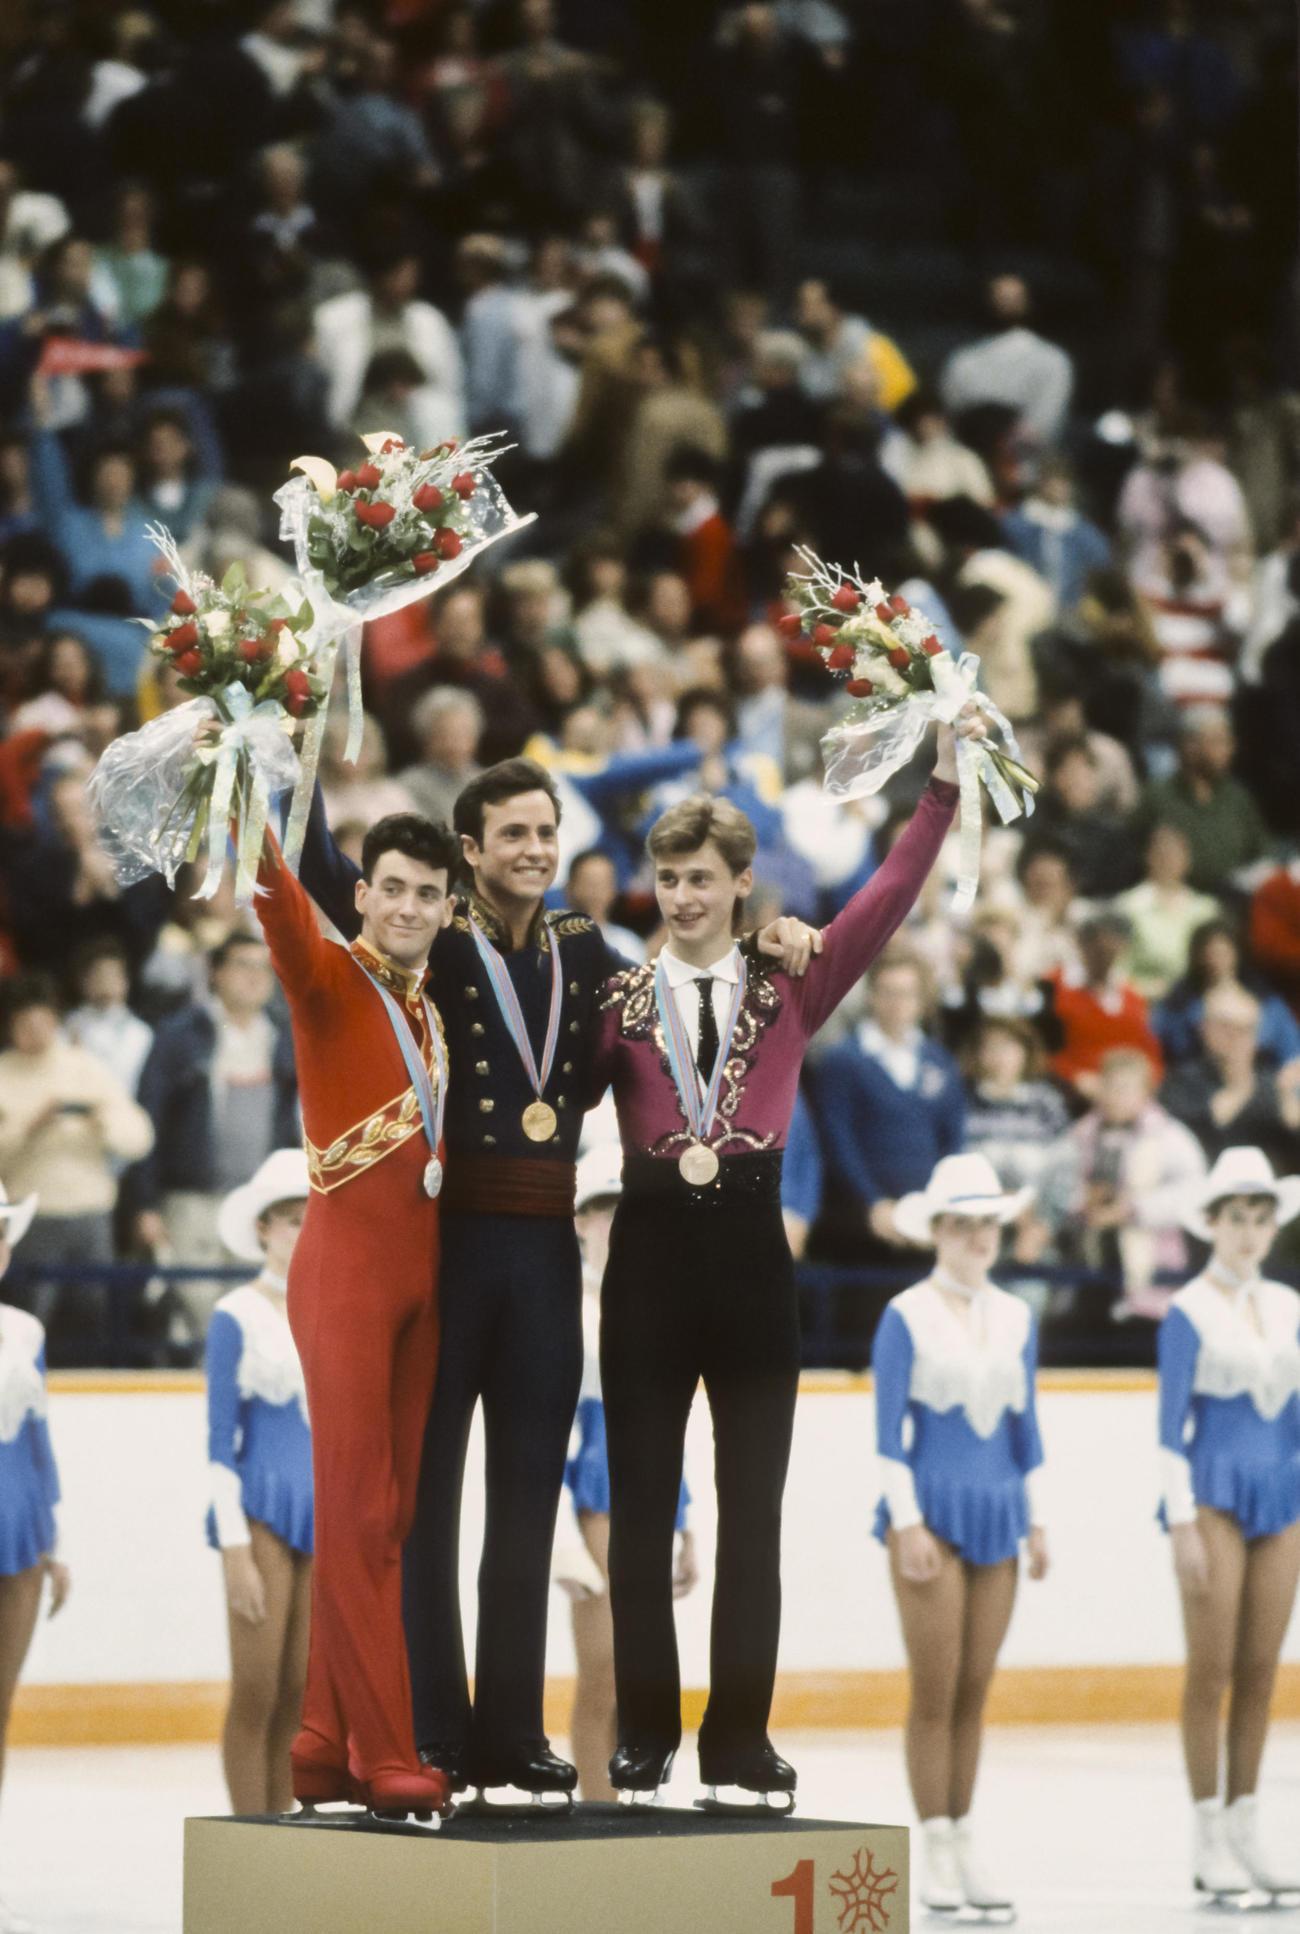 88年2月、「ブライアン対決」となったカルガリー五輪フィギュアスケート男子シングルで優勝したブライアン・ボイタノ(中央)と銀メダルのブライアン・オーサー(左)は表彰台で声援に応える。右は銅メダルのヴィクトール・ペトレンコ(ゲッティ=共同)